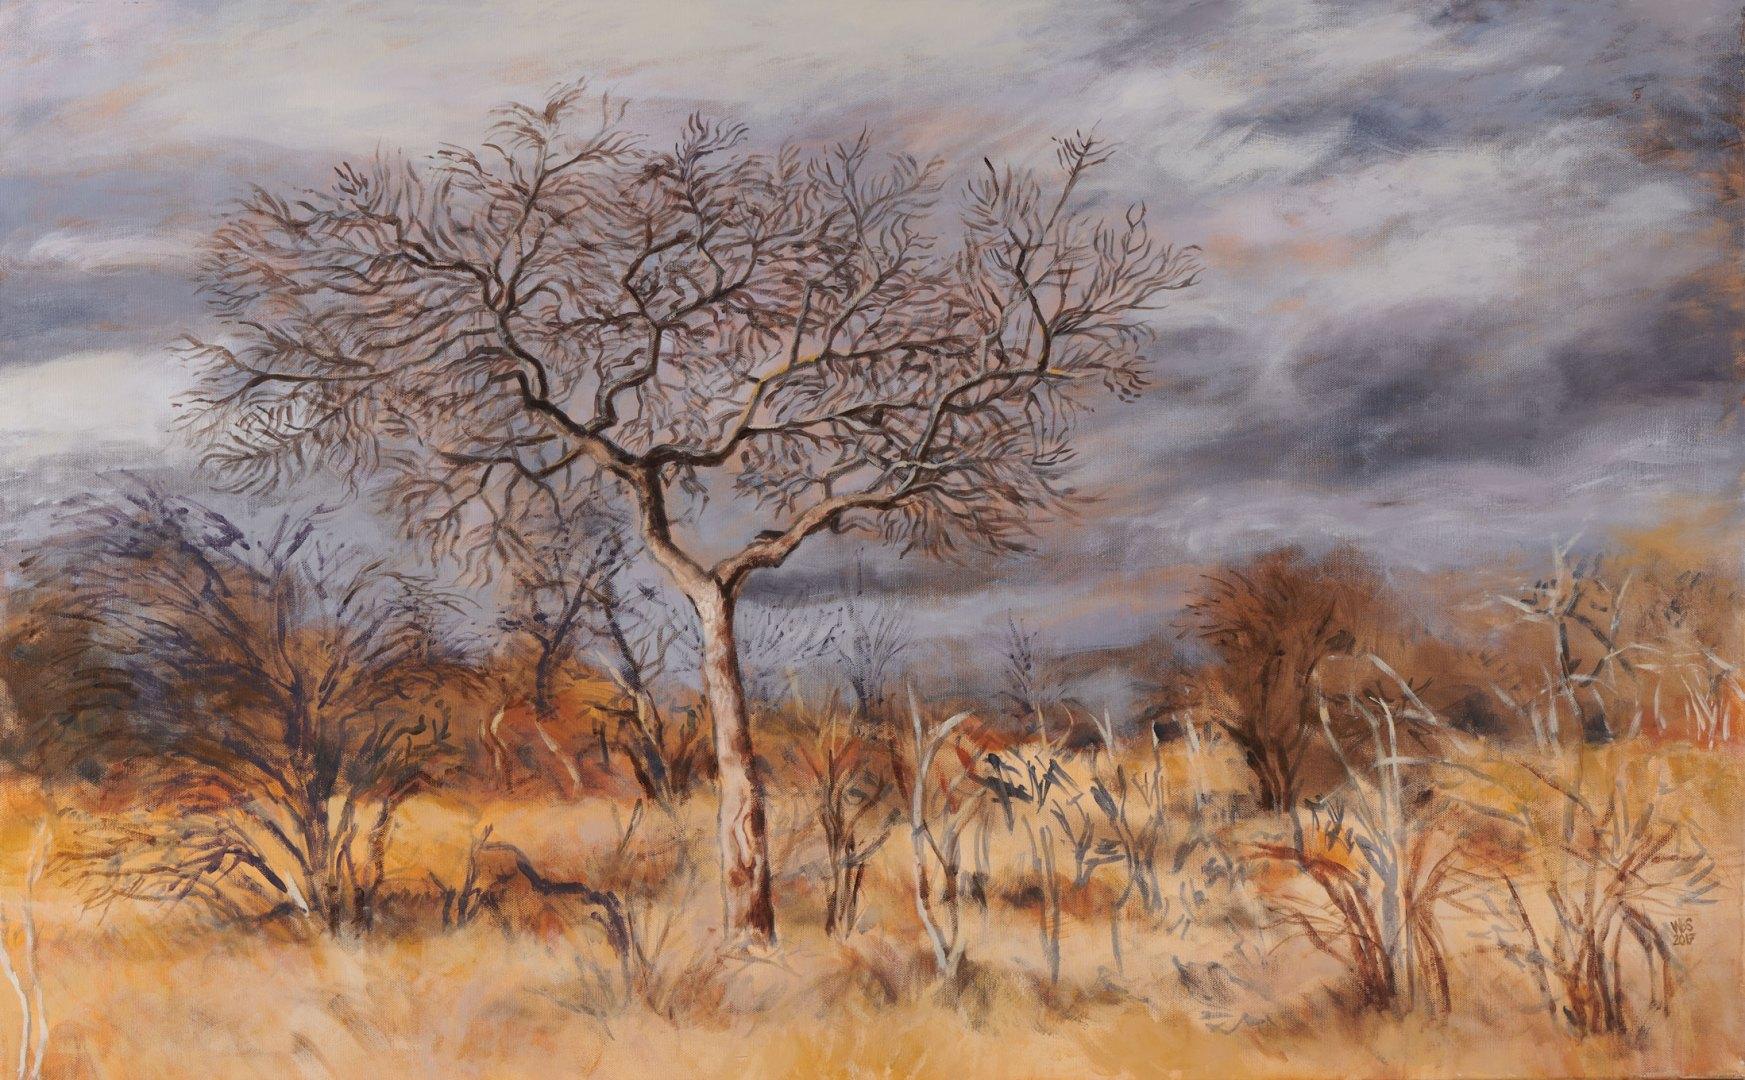 Painting of Marula against a grey sky, acrylic on canvas, 122 cm x 76 cm